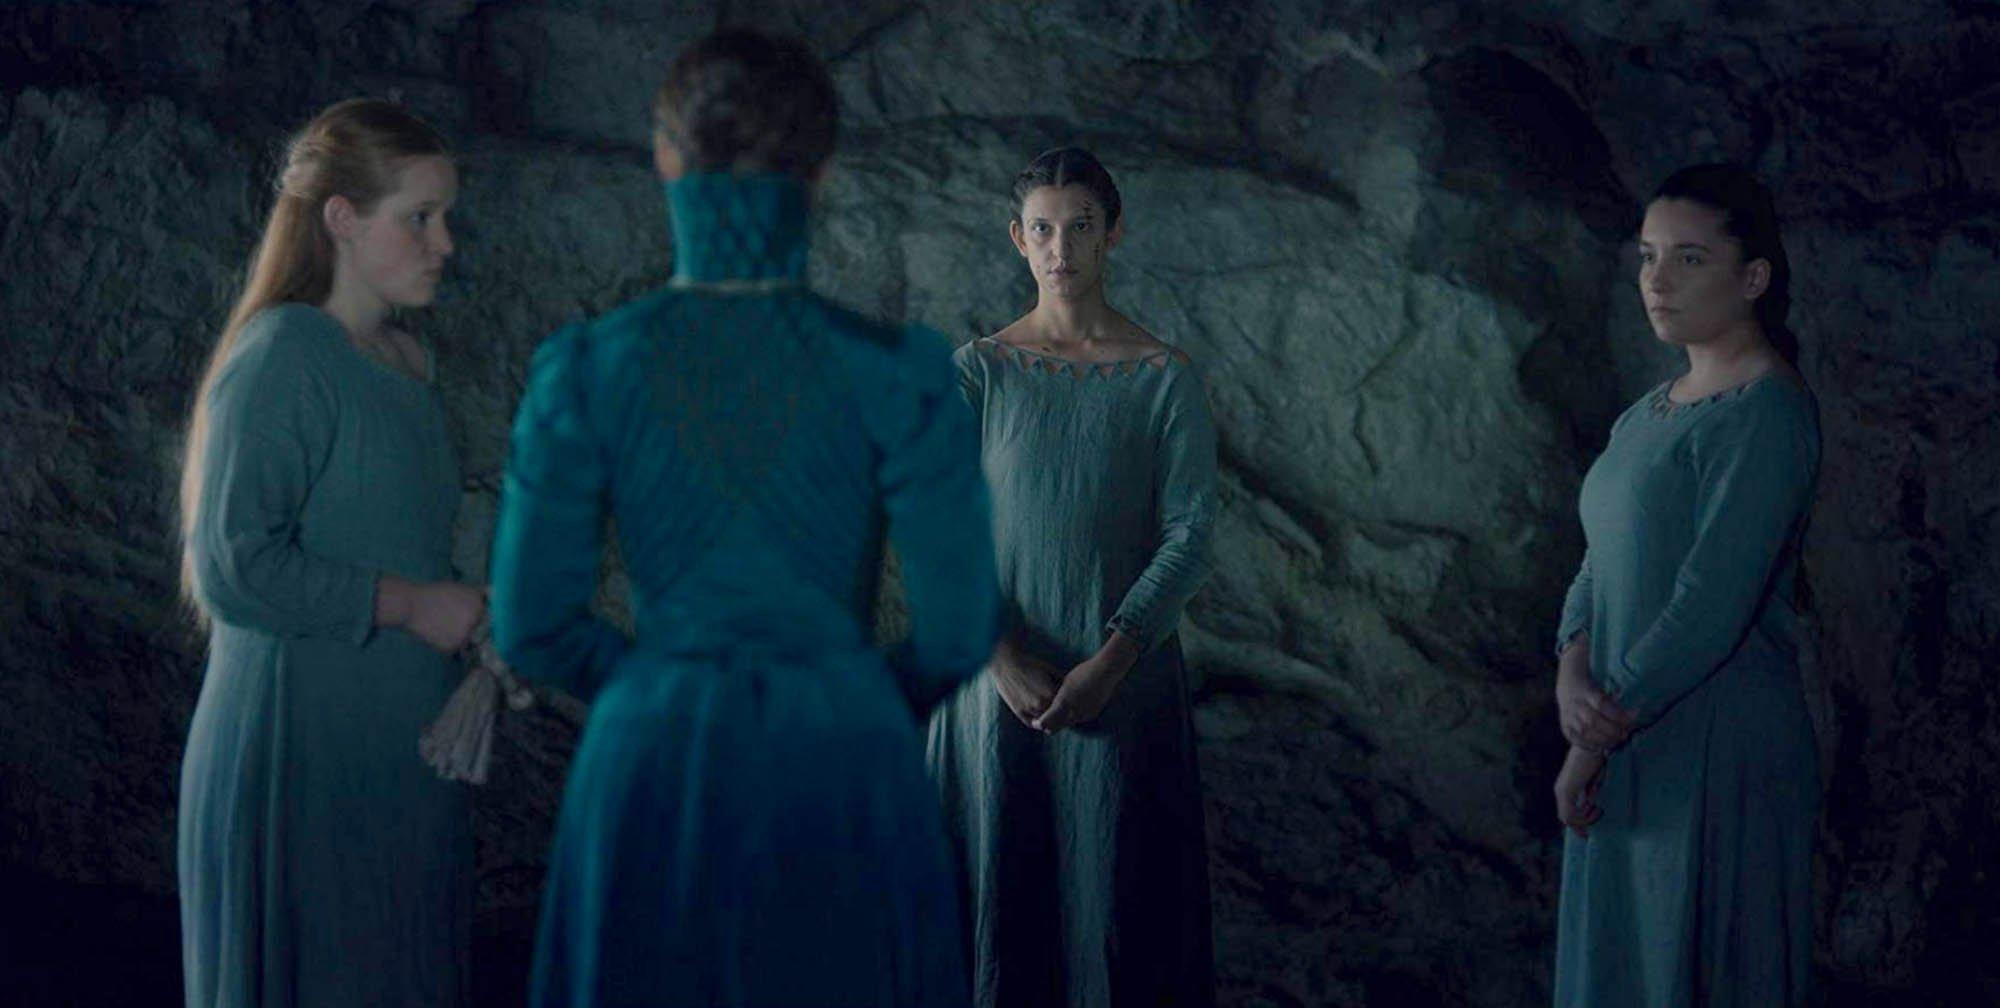 Designer de The Witcher da Netflix publica imagens inéditas da série 21